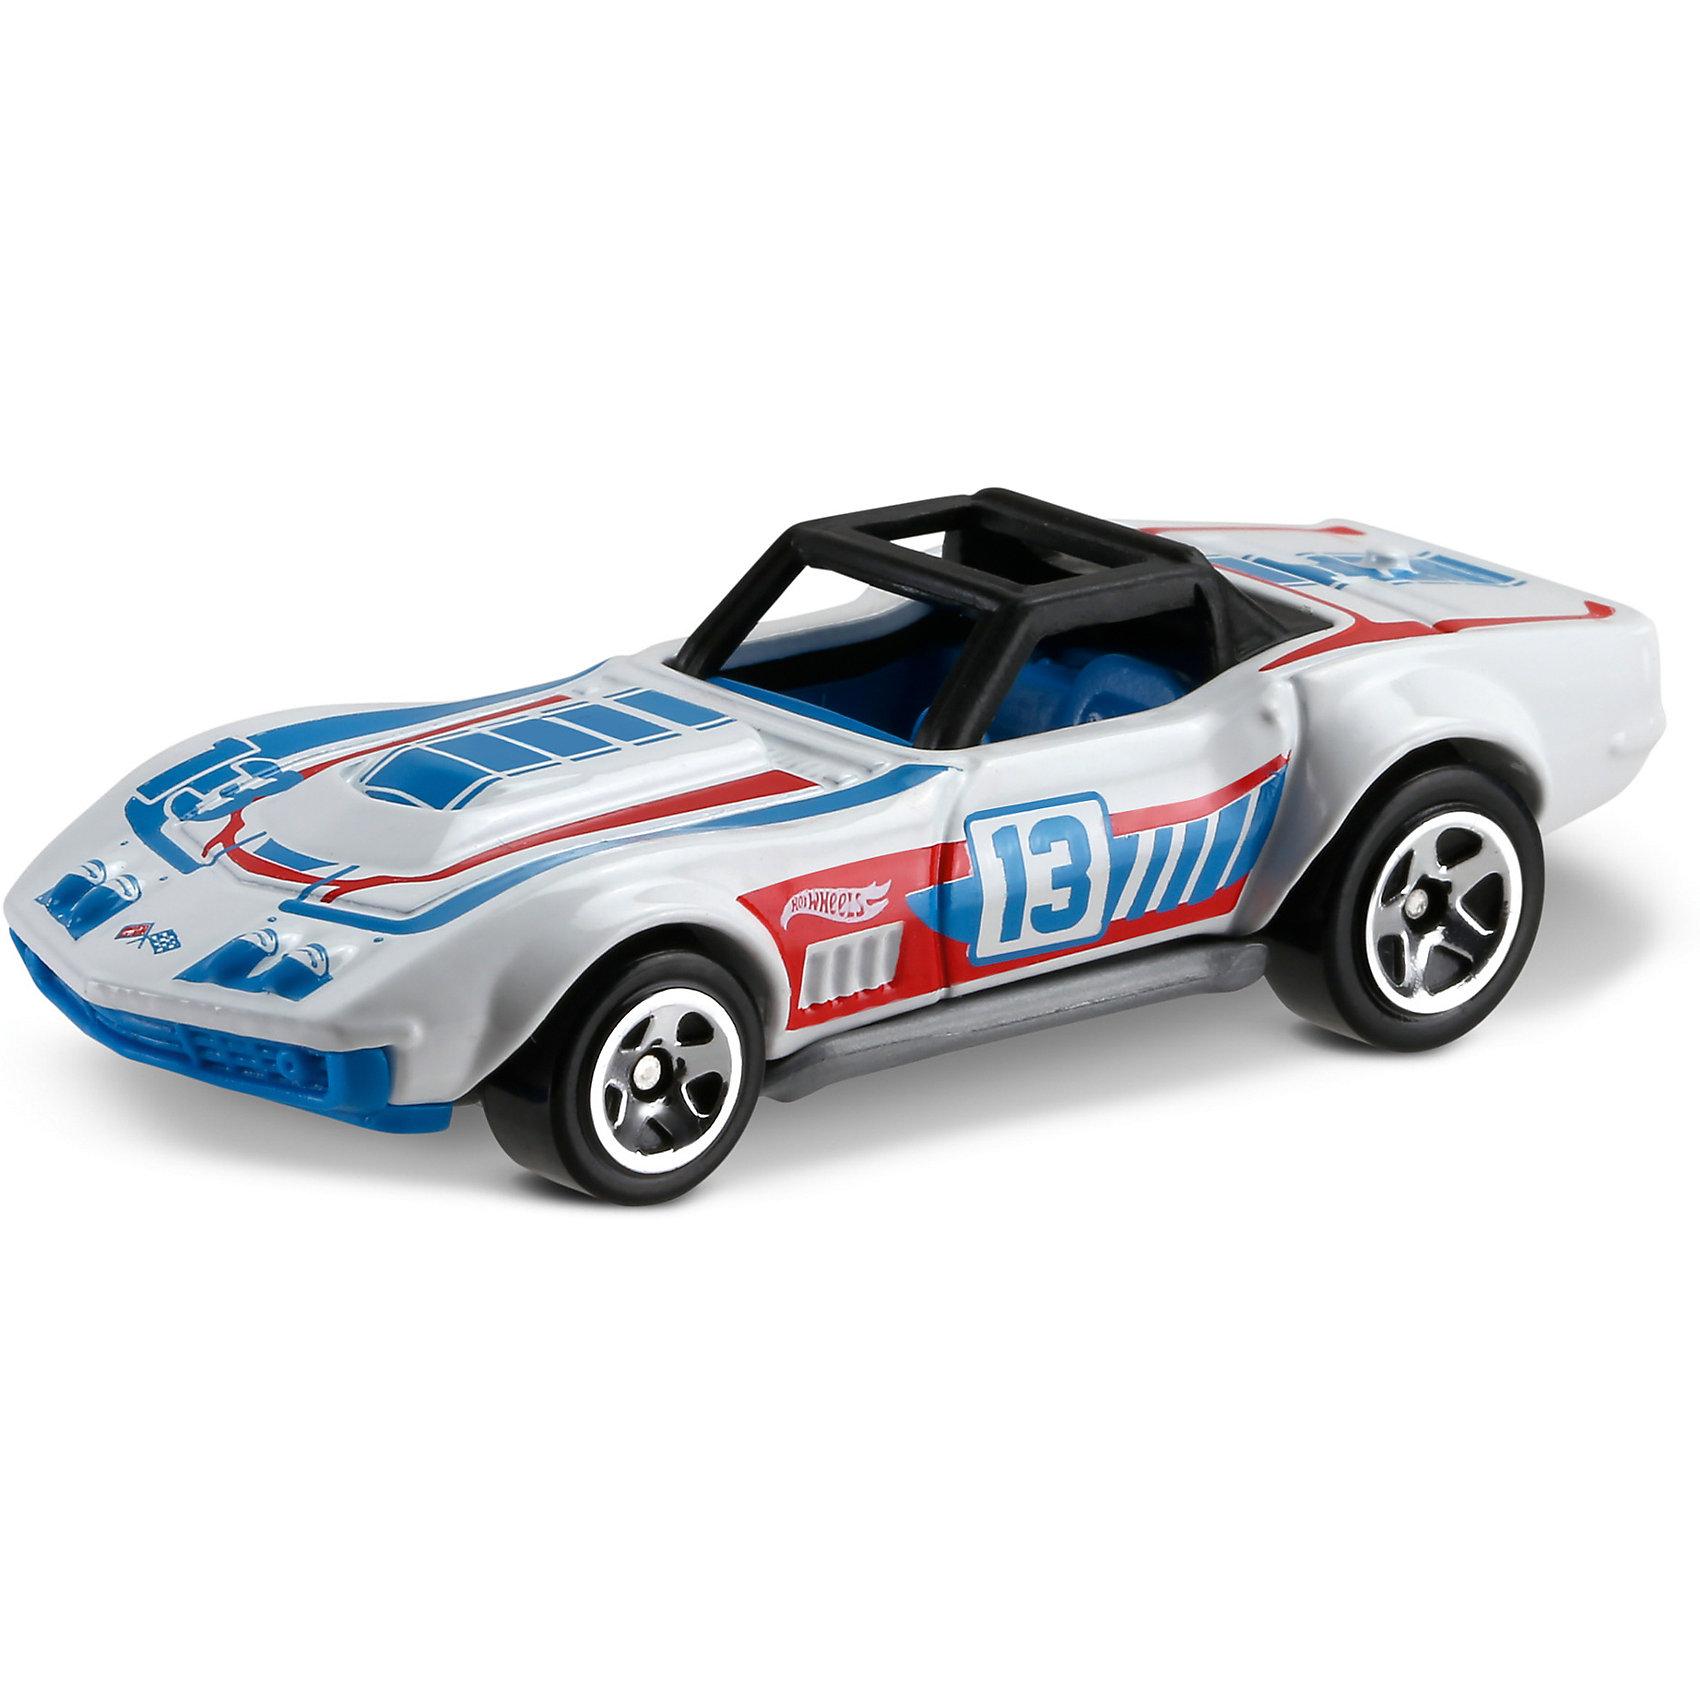 Машинка Hot Wheels из базовой коллекцииМашинки<br>Машинка Hot Wheels из базовой коллекции – высококачественная масштабная модель машины, имеющая неординарный, радикальный дизайн. <br><br>В упаковке 1 машинка,  машинки тематически обусловлены от фантазийных, спасательных до экстремальных и просто скоростных машин. <br><br>Соберите свою коллекцию машинок Hot Wheels!<br><br>Дополнительная информация: <br><br>Машинка стандартного размера Hot Wheels<br>Размер упаковки: 11 х 10,5 х 3,5 см<br><br>Ширина мм: 110<br>Глубина мм: 45<br>Высота мм: 110<br>Вес г: 30<br>Возраст от месяцев: 36<br>Возраст до месяцев: 96<br>Пол: Мужской<br>Возраст: Детский<br>SKU: 5033422